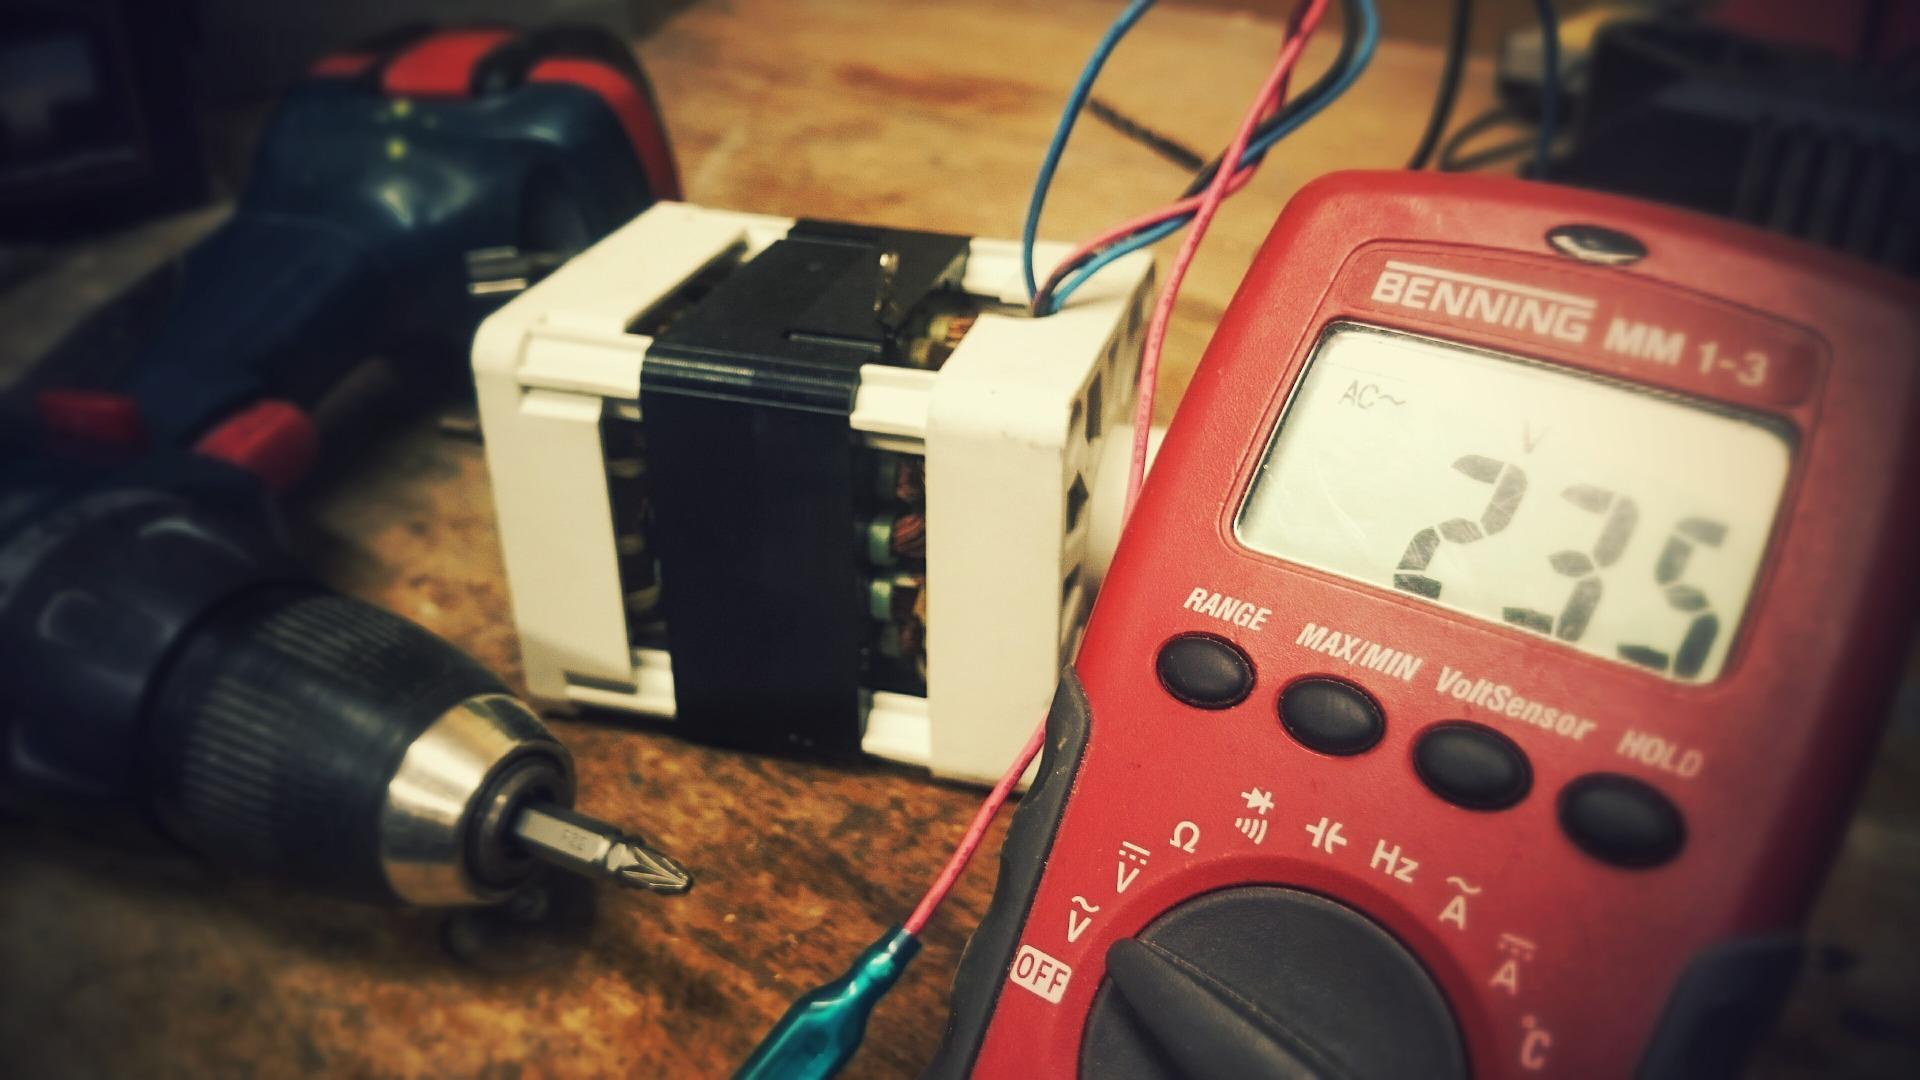 Elektriker døgnservice københavn hvordan finder du en billig